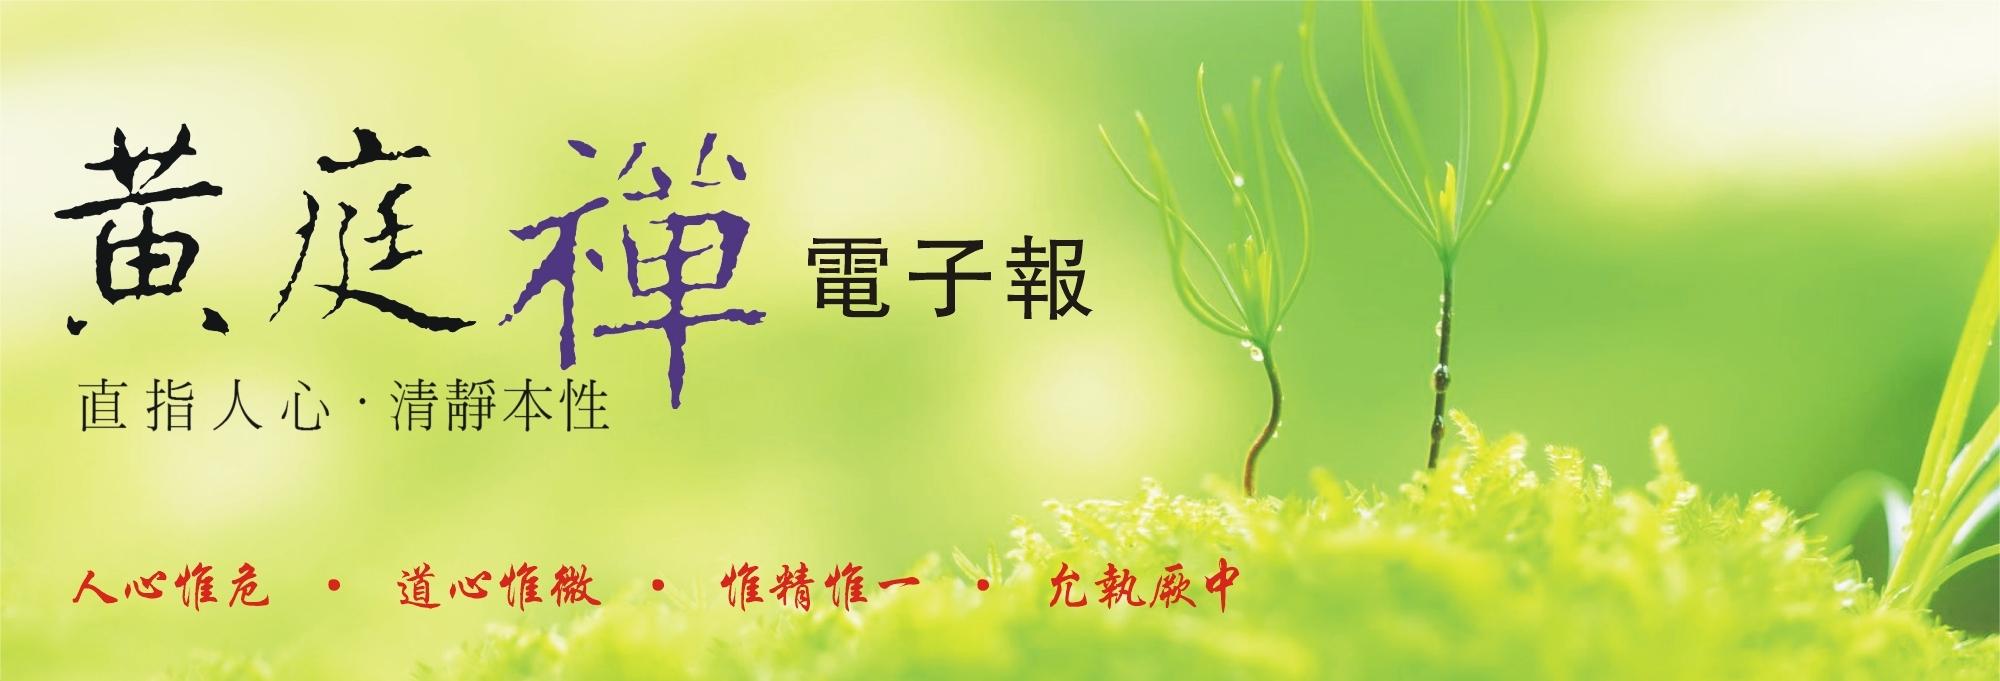 中華黃庭禪學會2016.04.01電子報